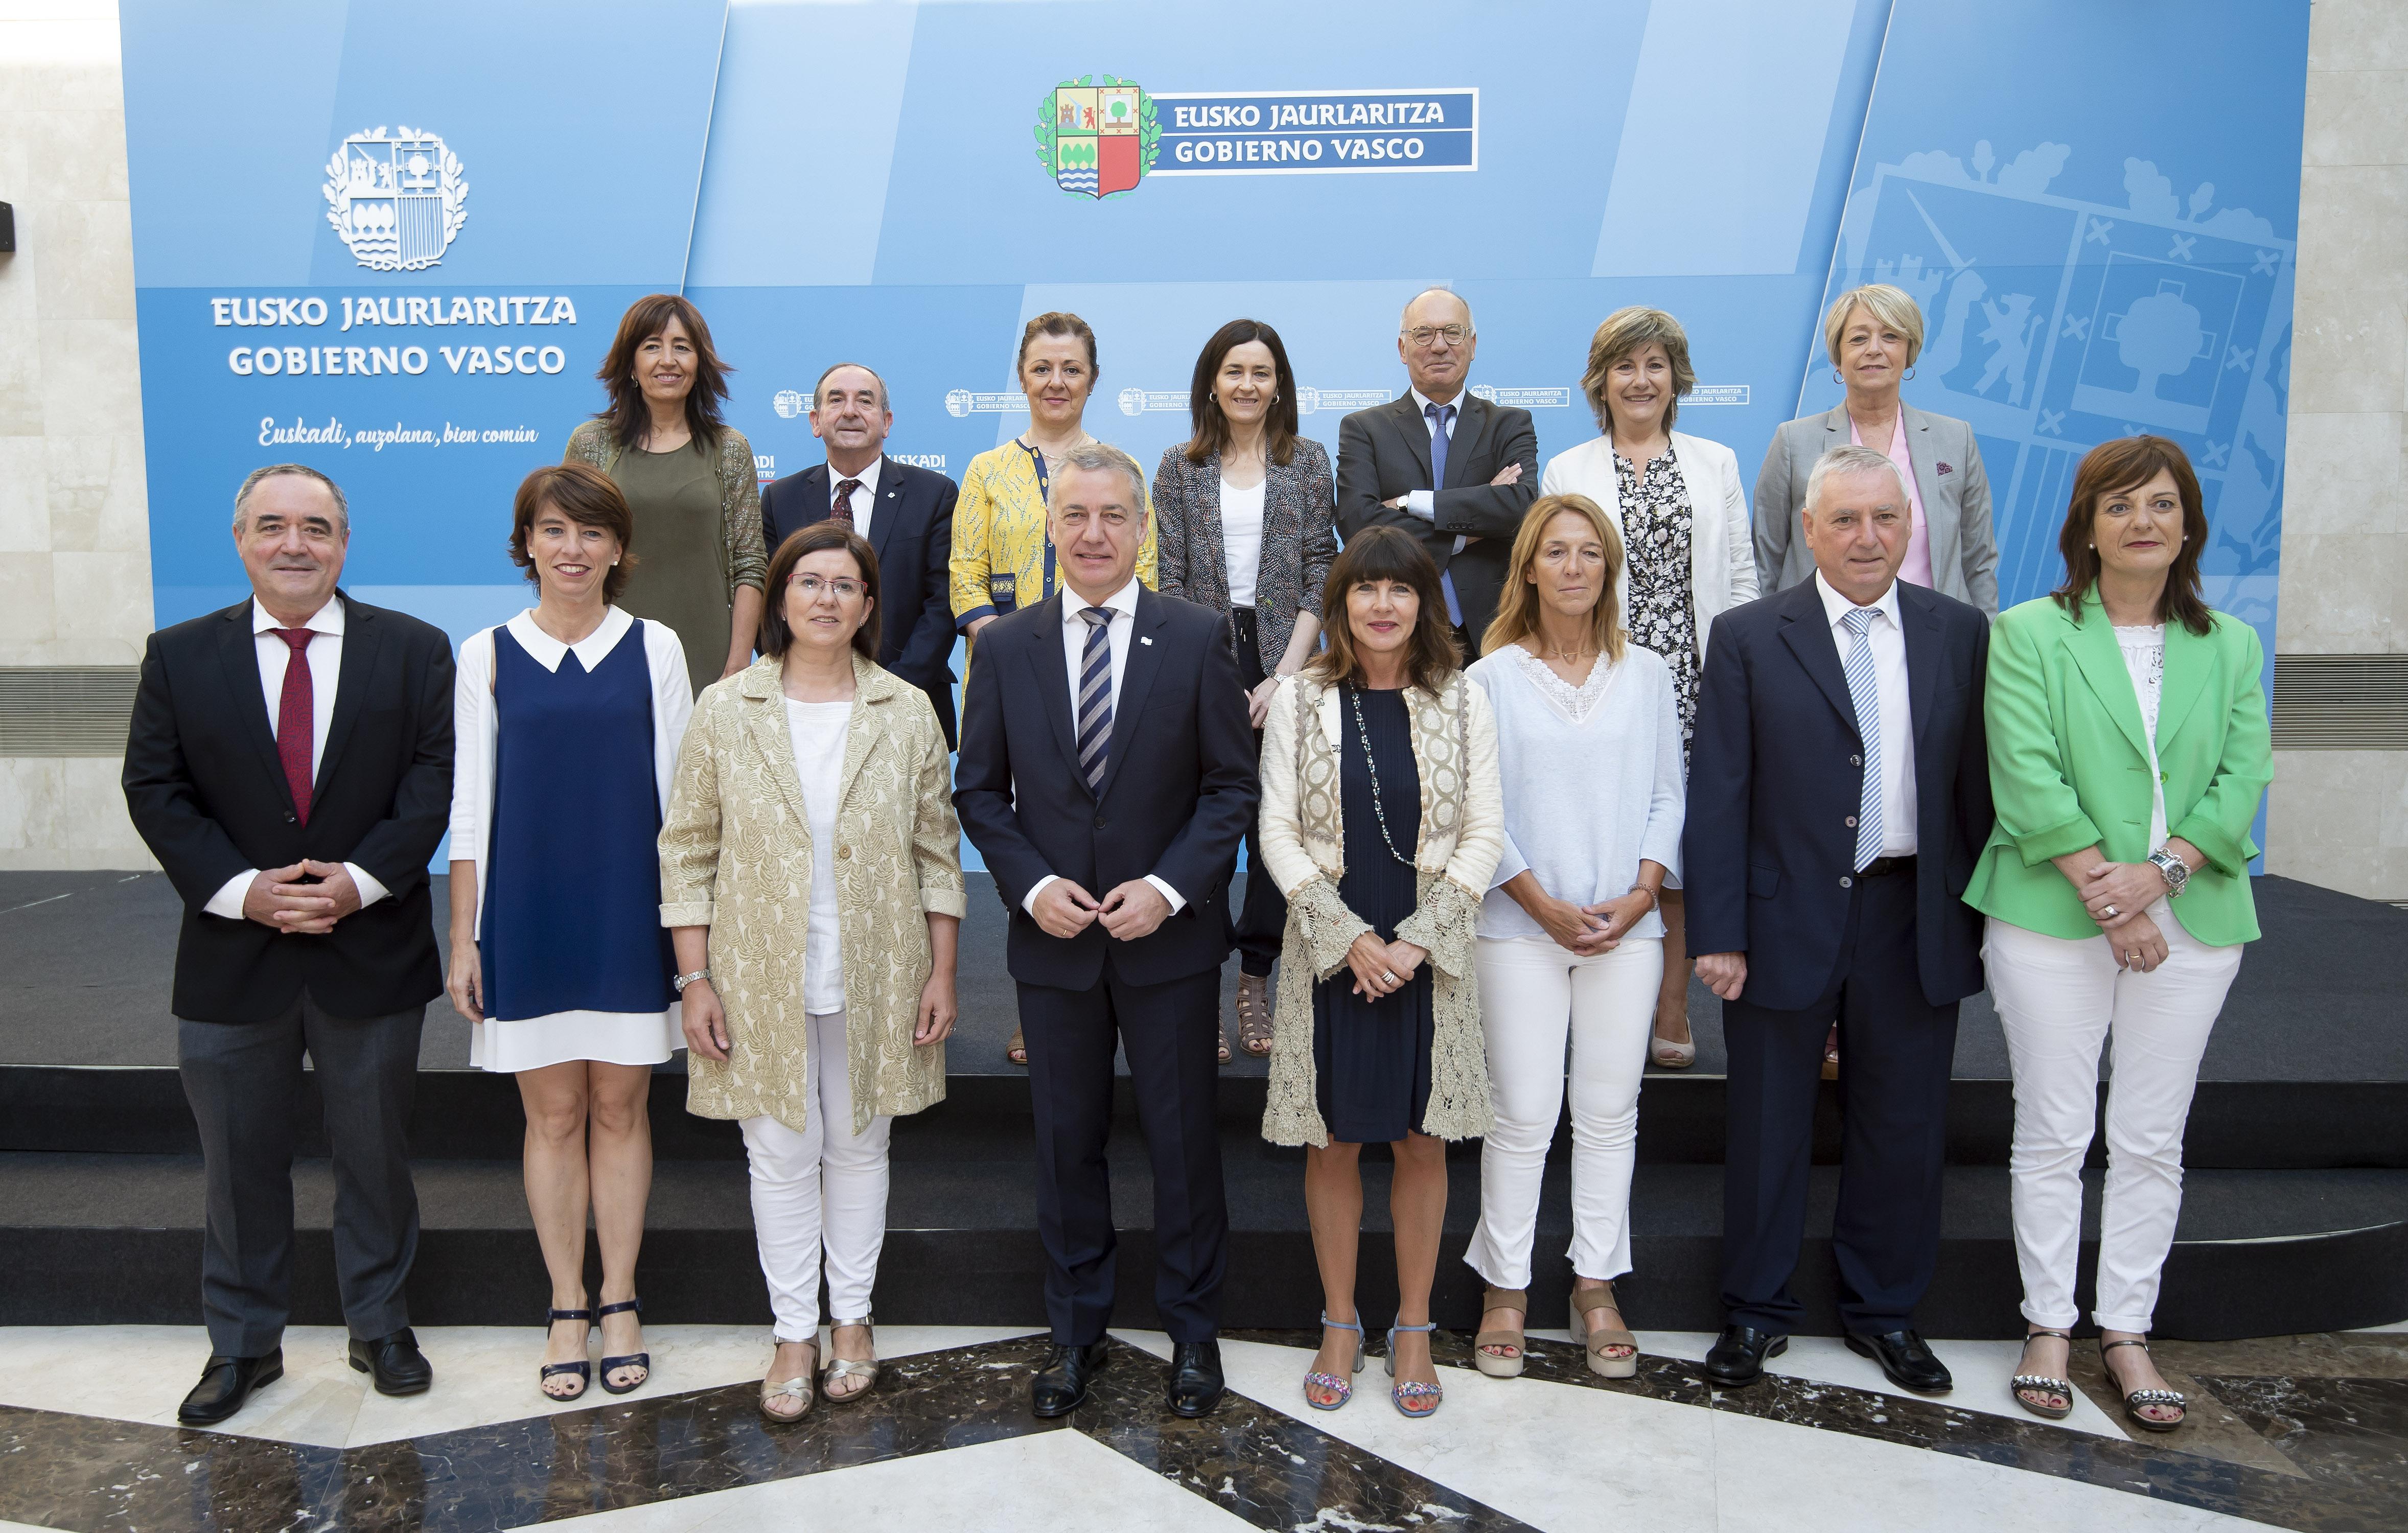 La propuesta normativa para reforzar la igualdad y erradicar la violencia contra las mujeres se enriquece con más de 400 aportaciones de la sociedad civil y las administraciones